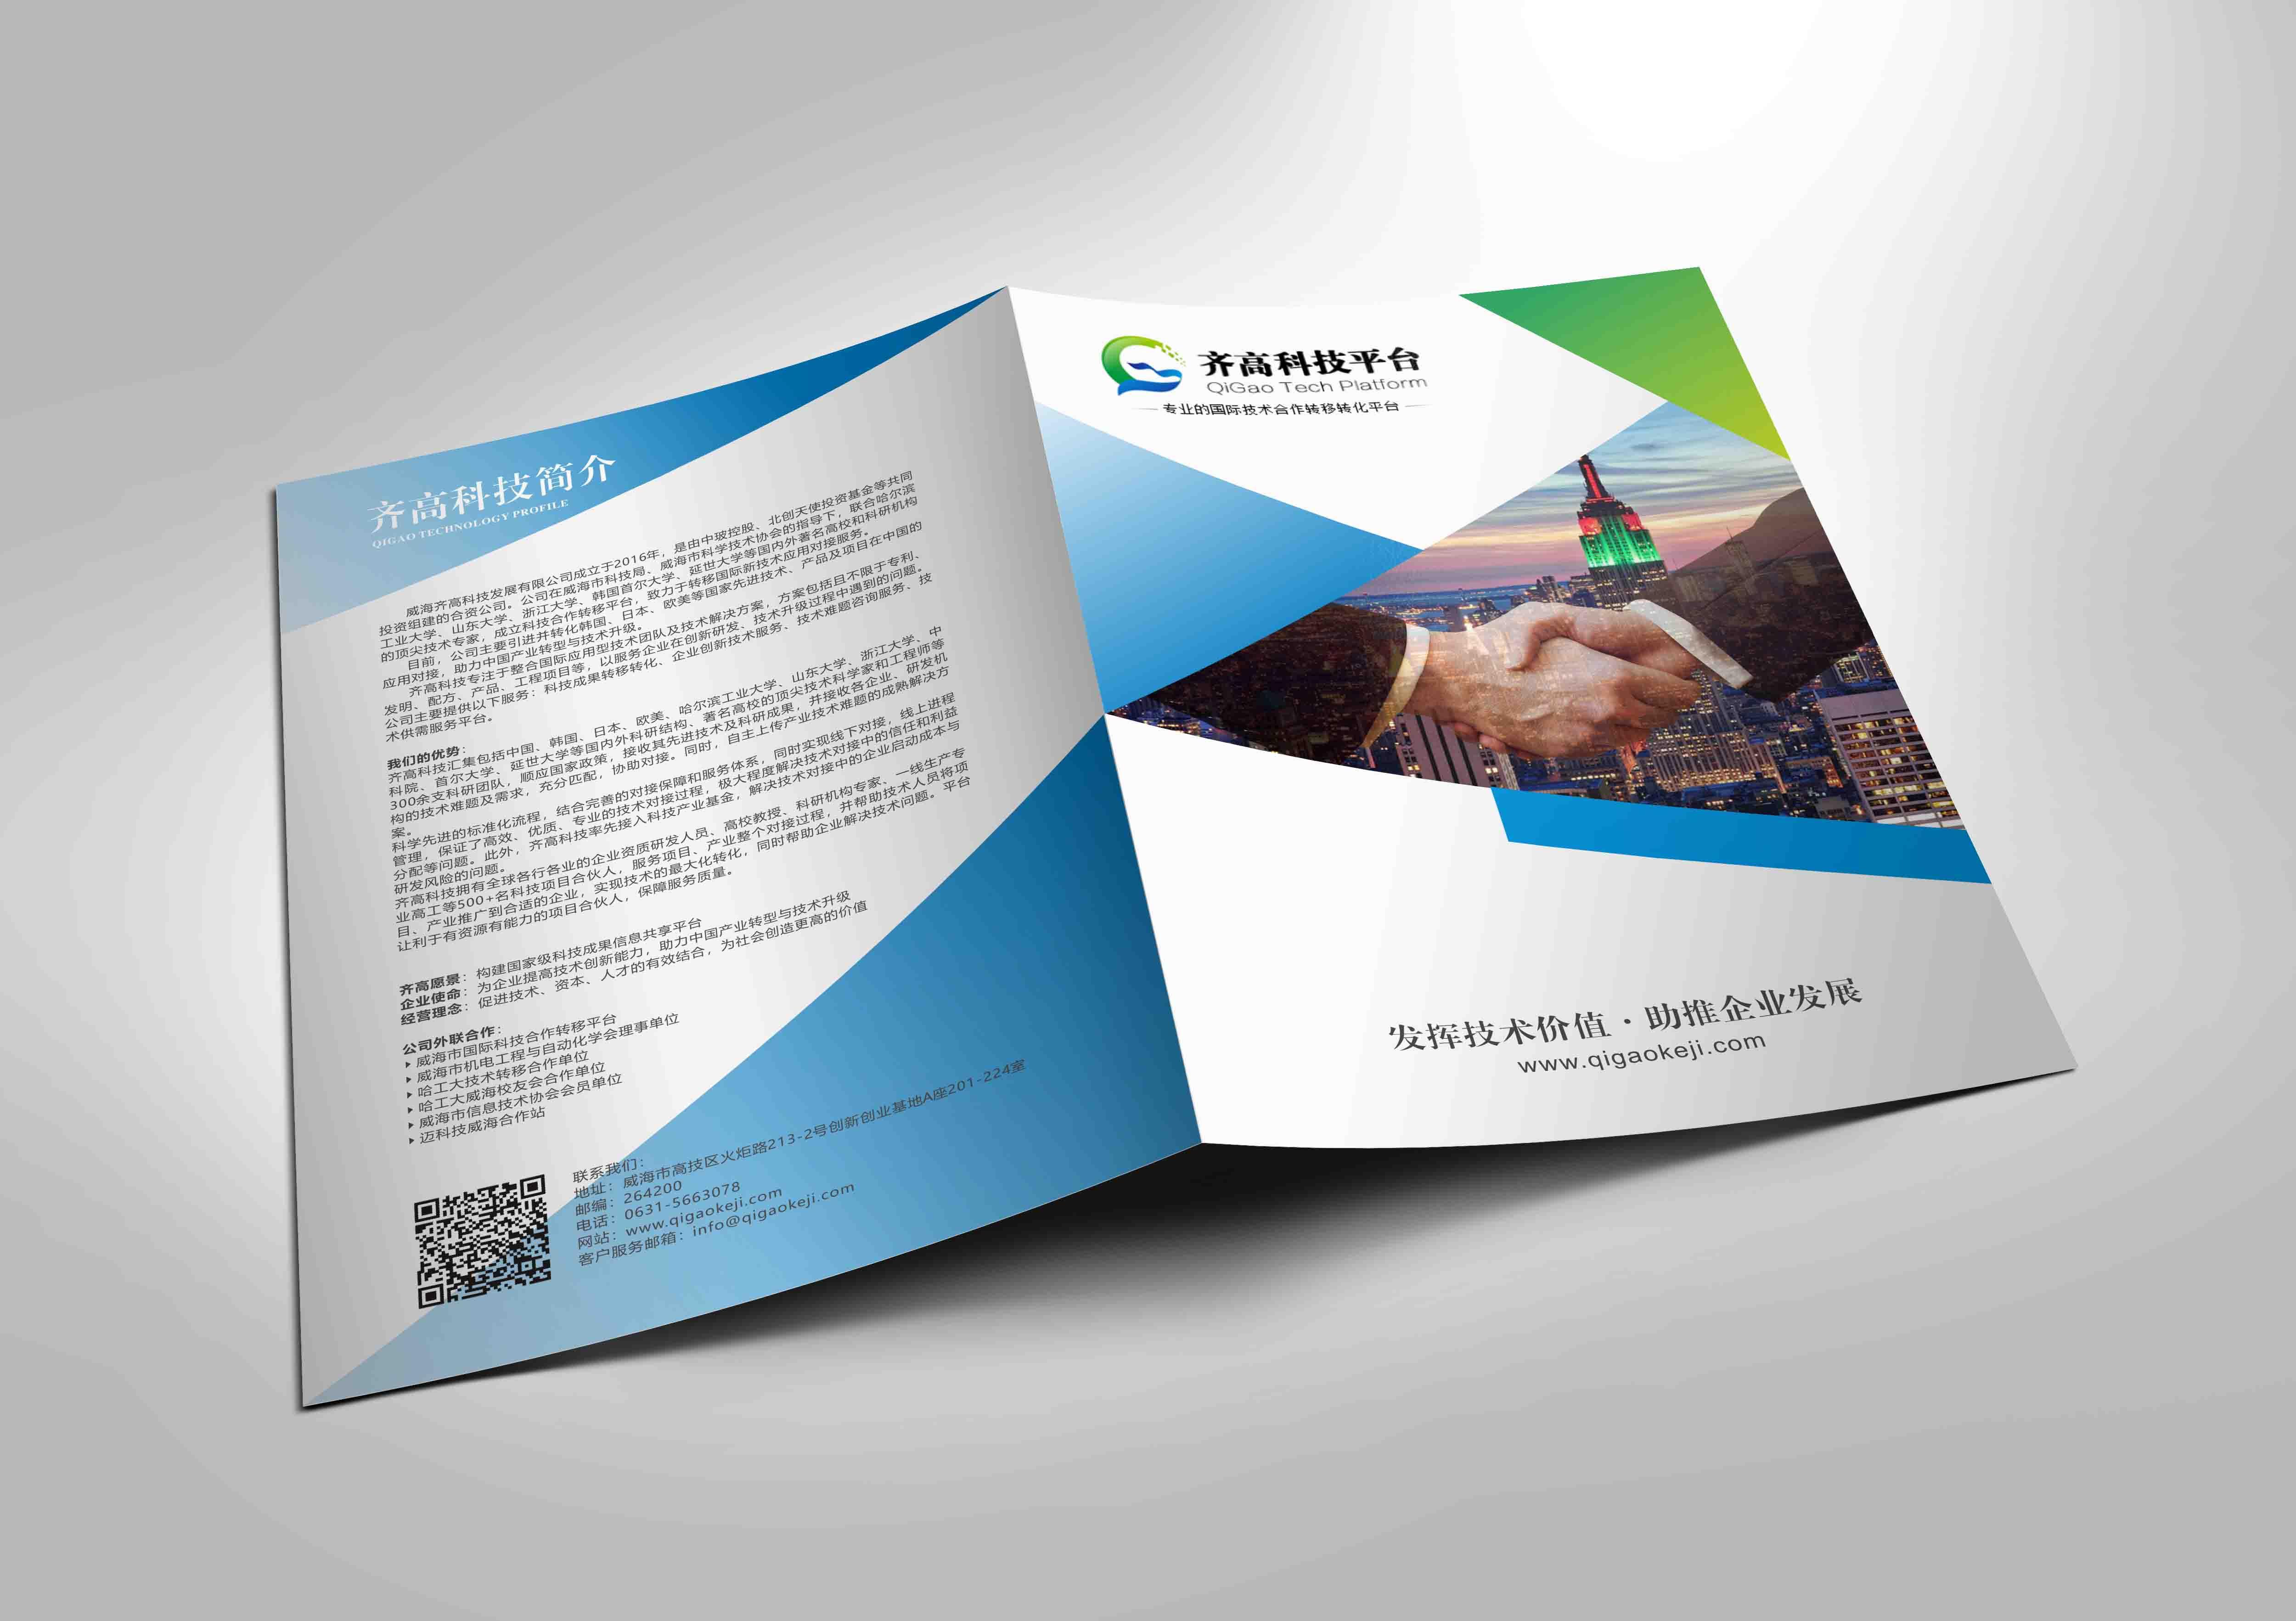 超简单―公司及食品宣传页设计_2978690_k68威客网